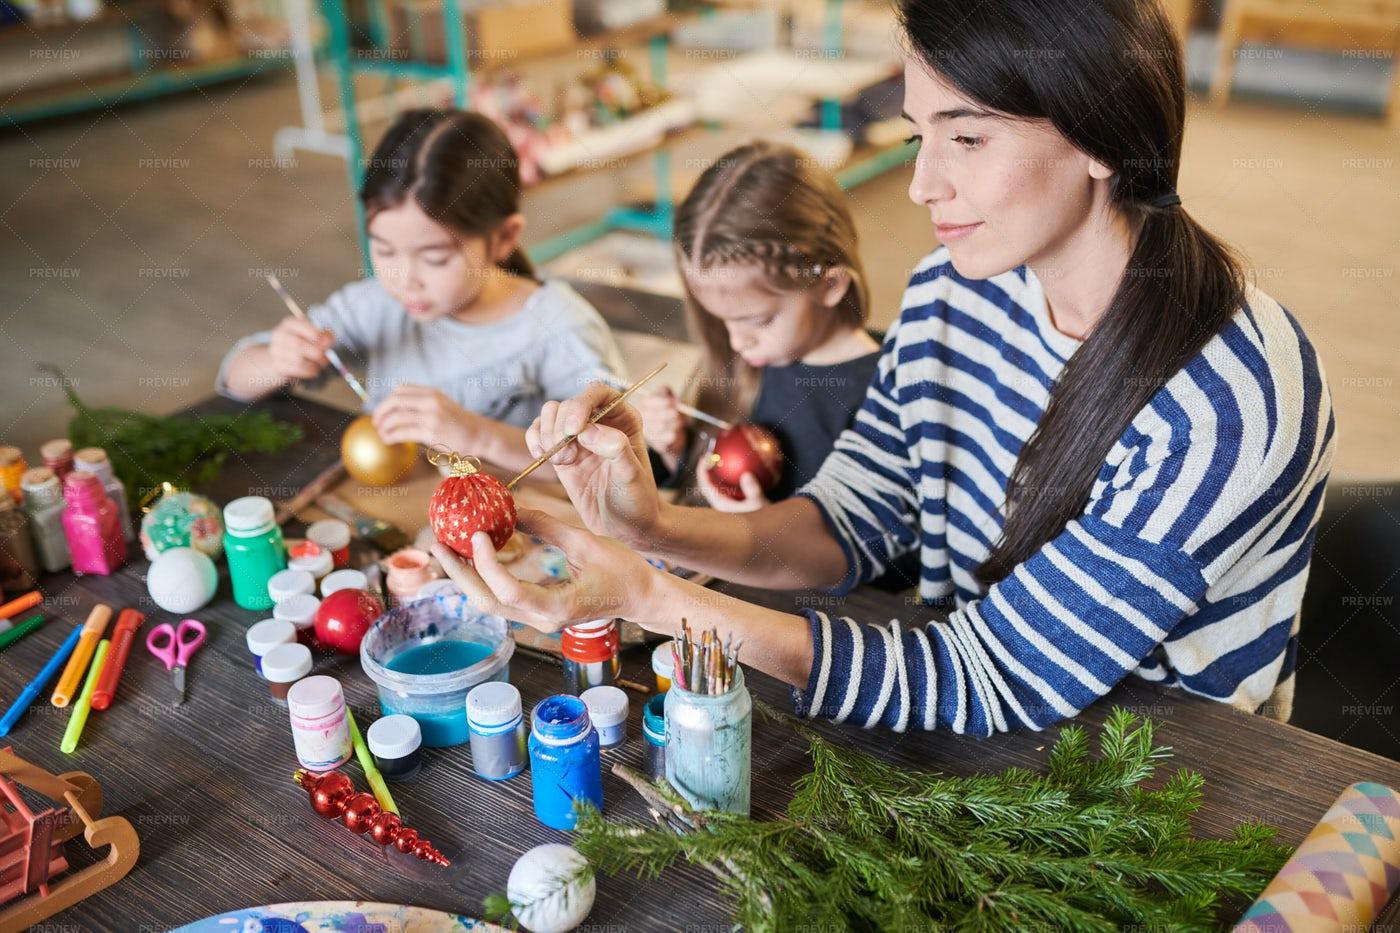 Kids Painting Handmade Christmas...: Stock Photos